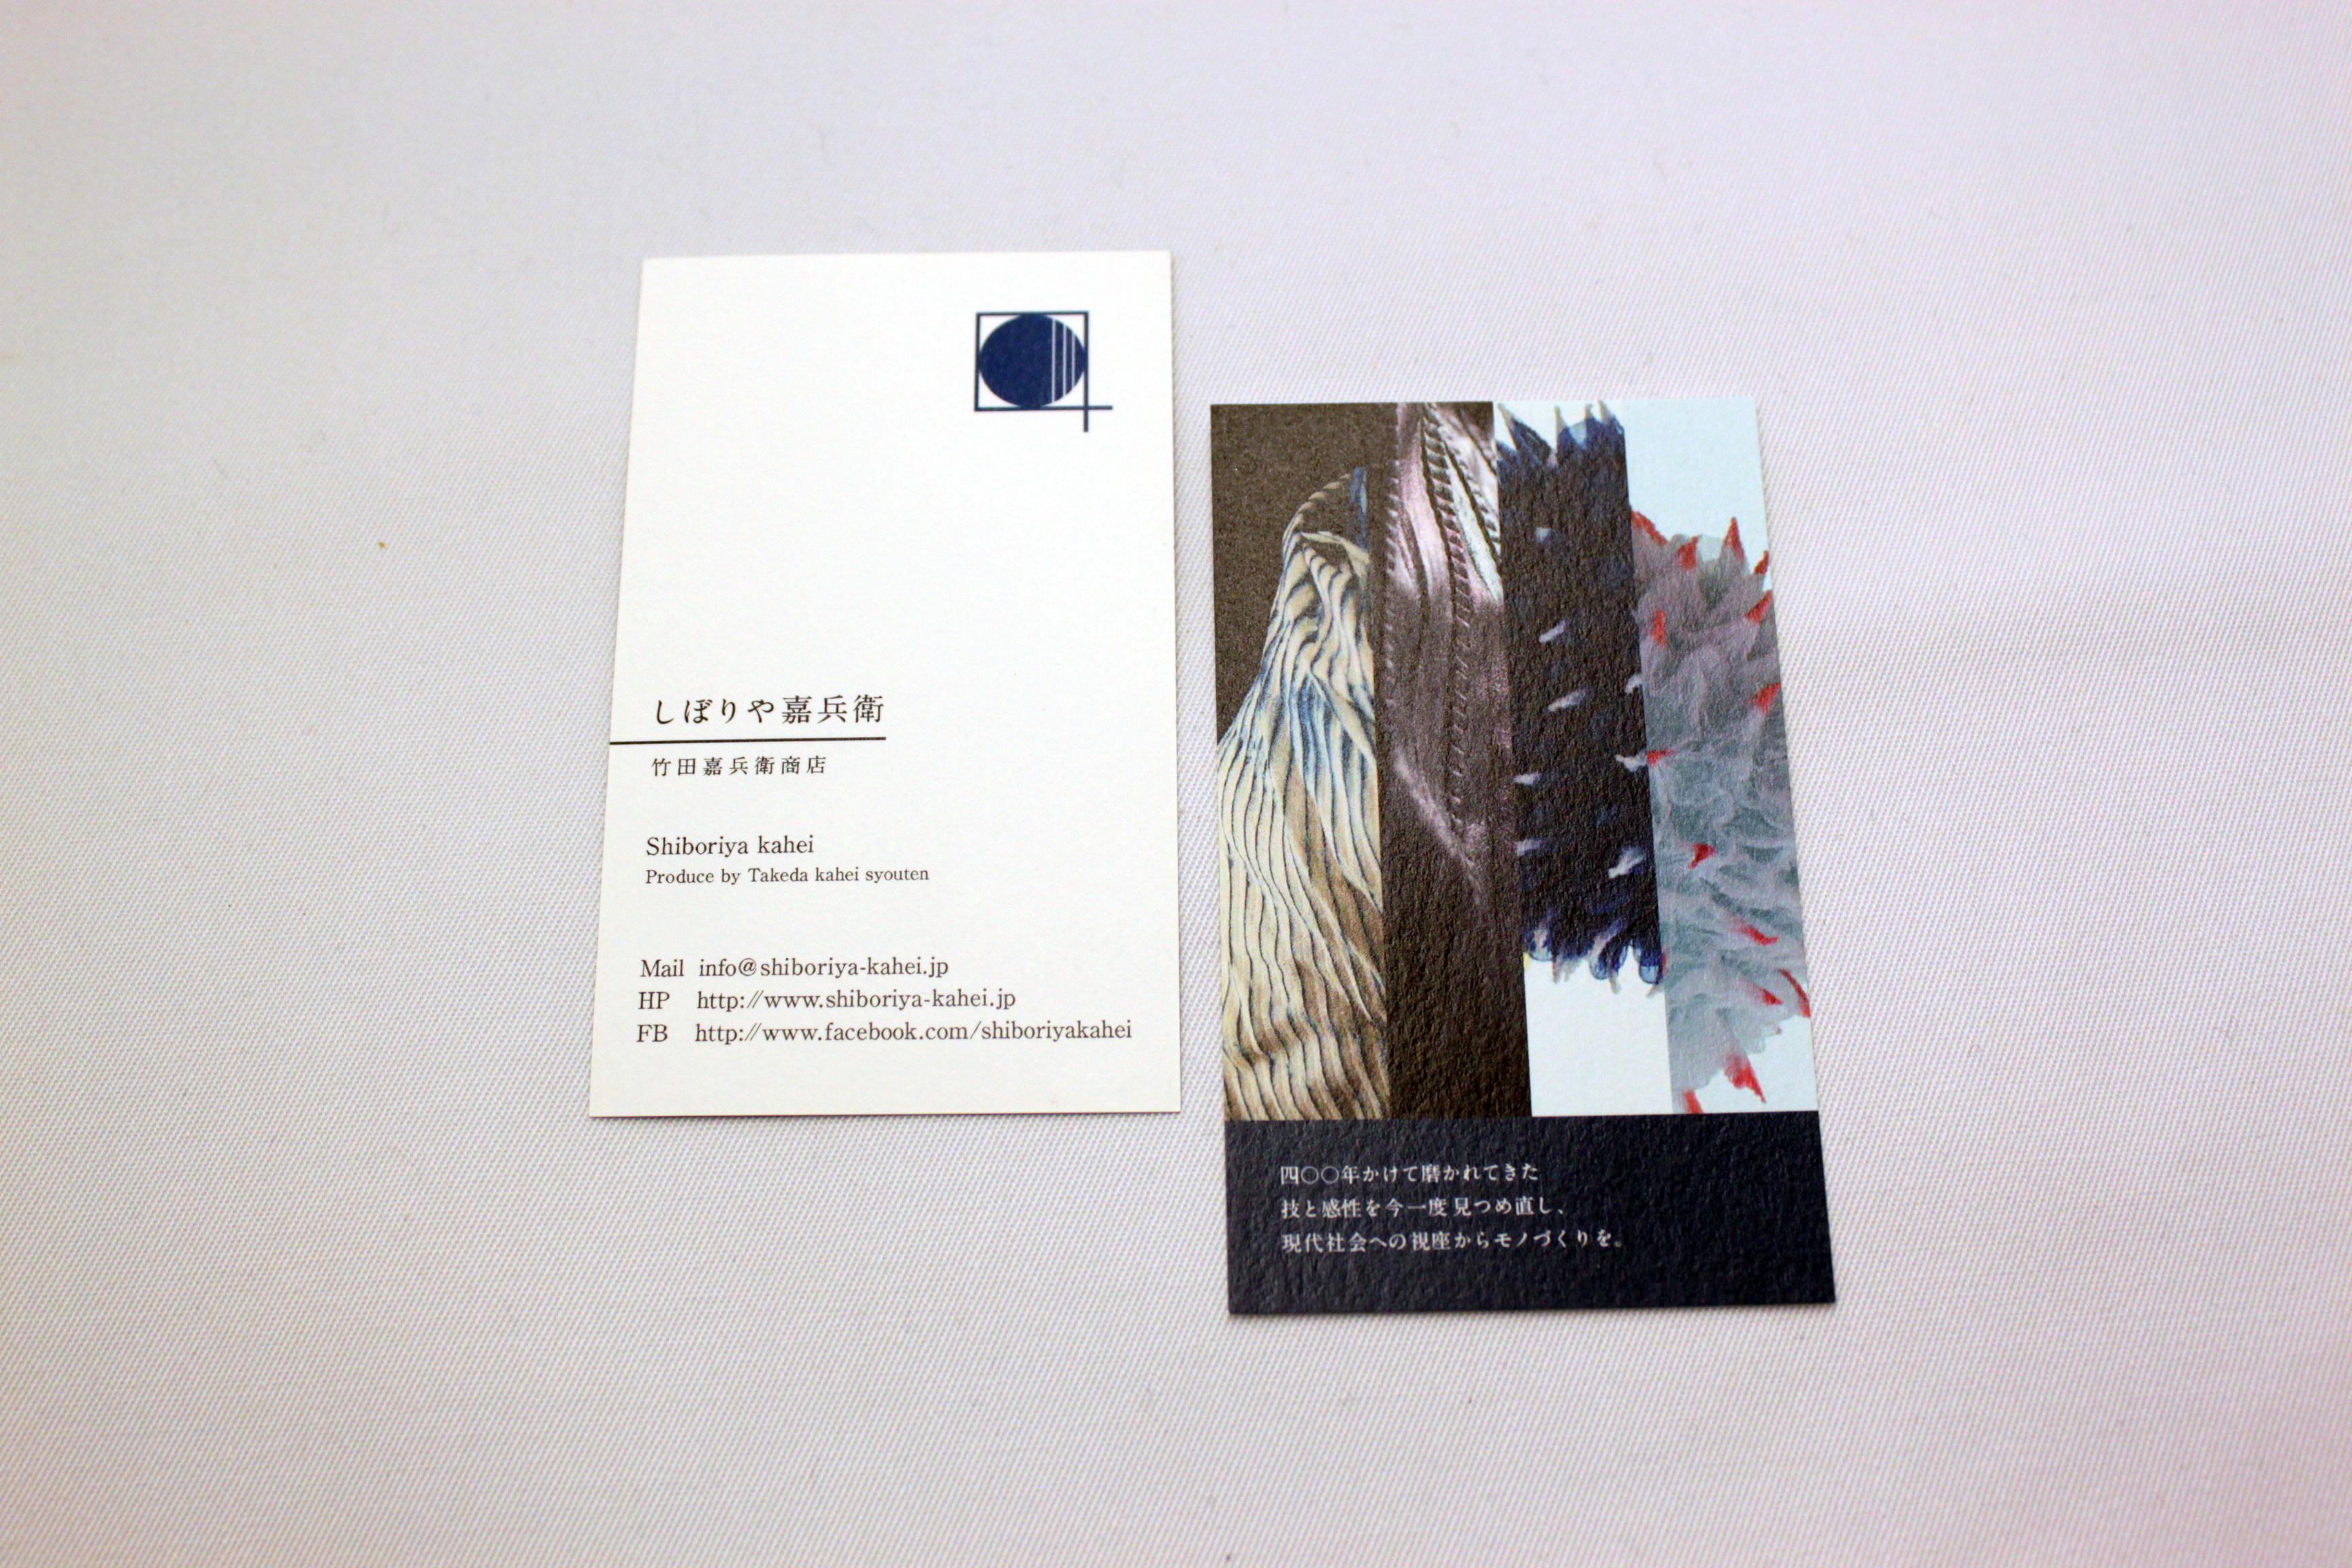 しぼりや嘉兵衛 card